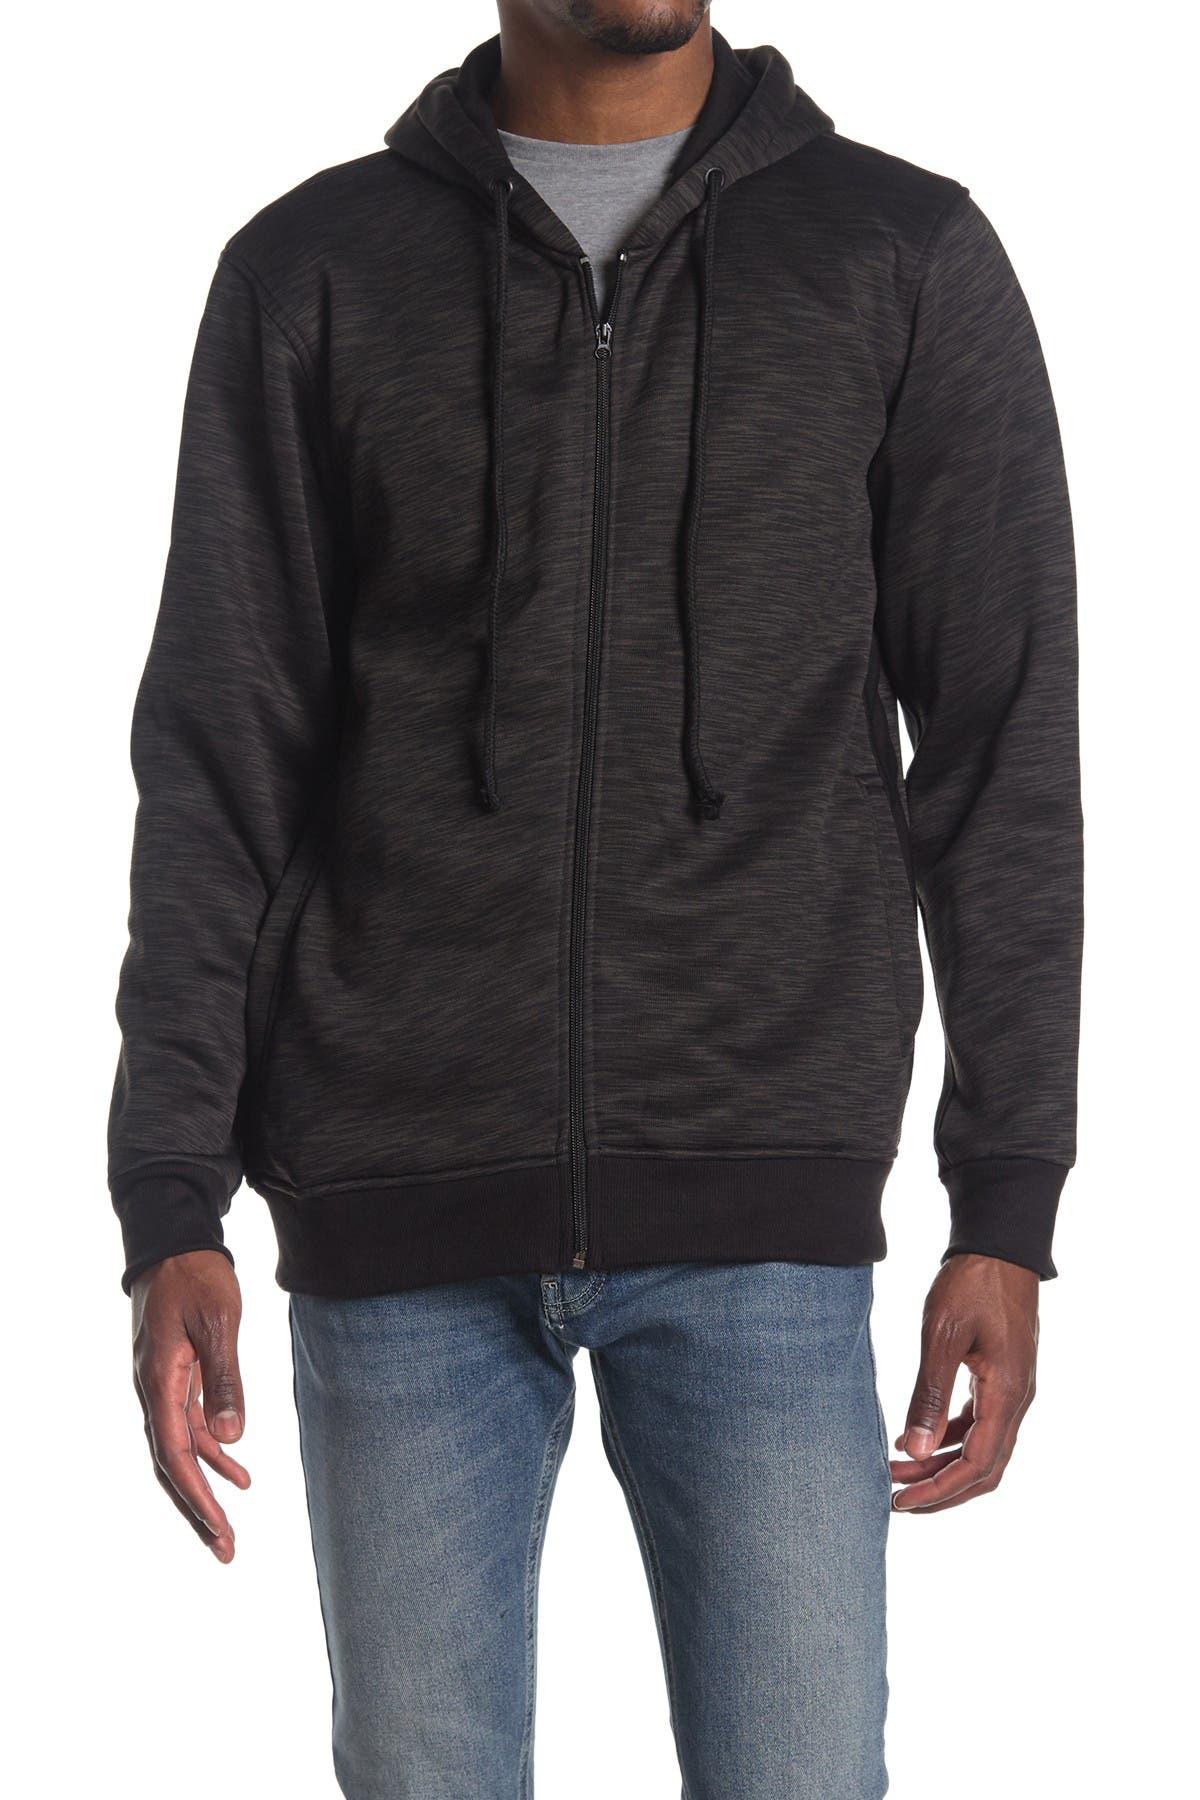 Image of Burnside Fleece Hooded Jacket